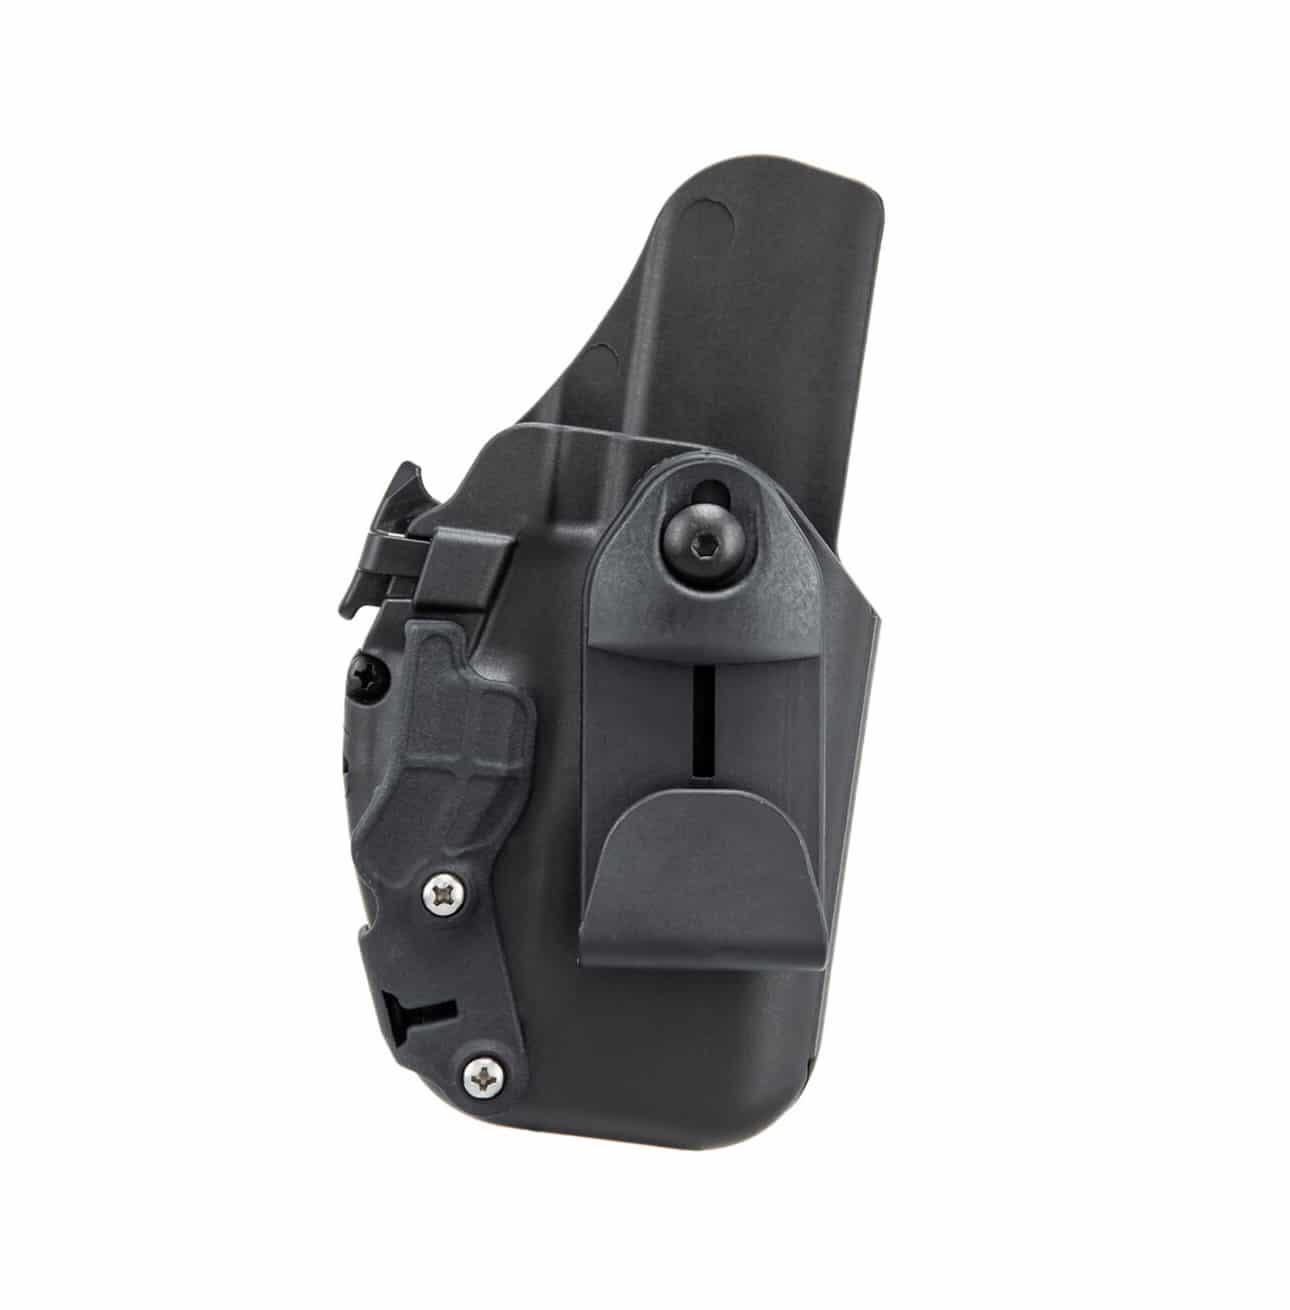 Safariland 575 GLS holster